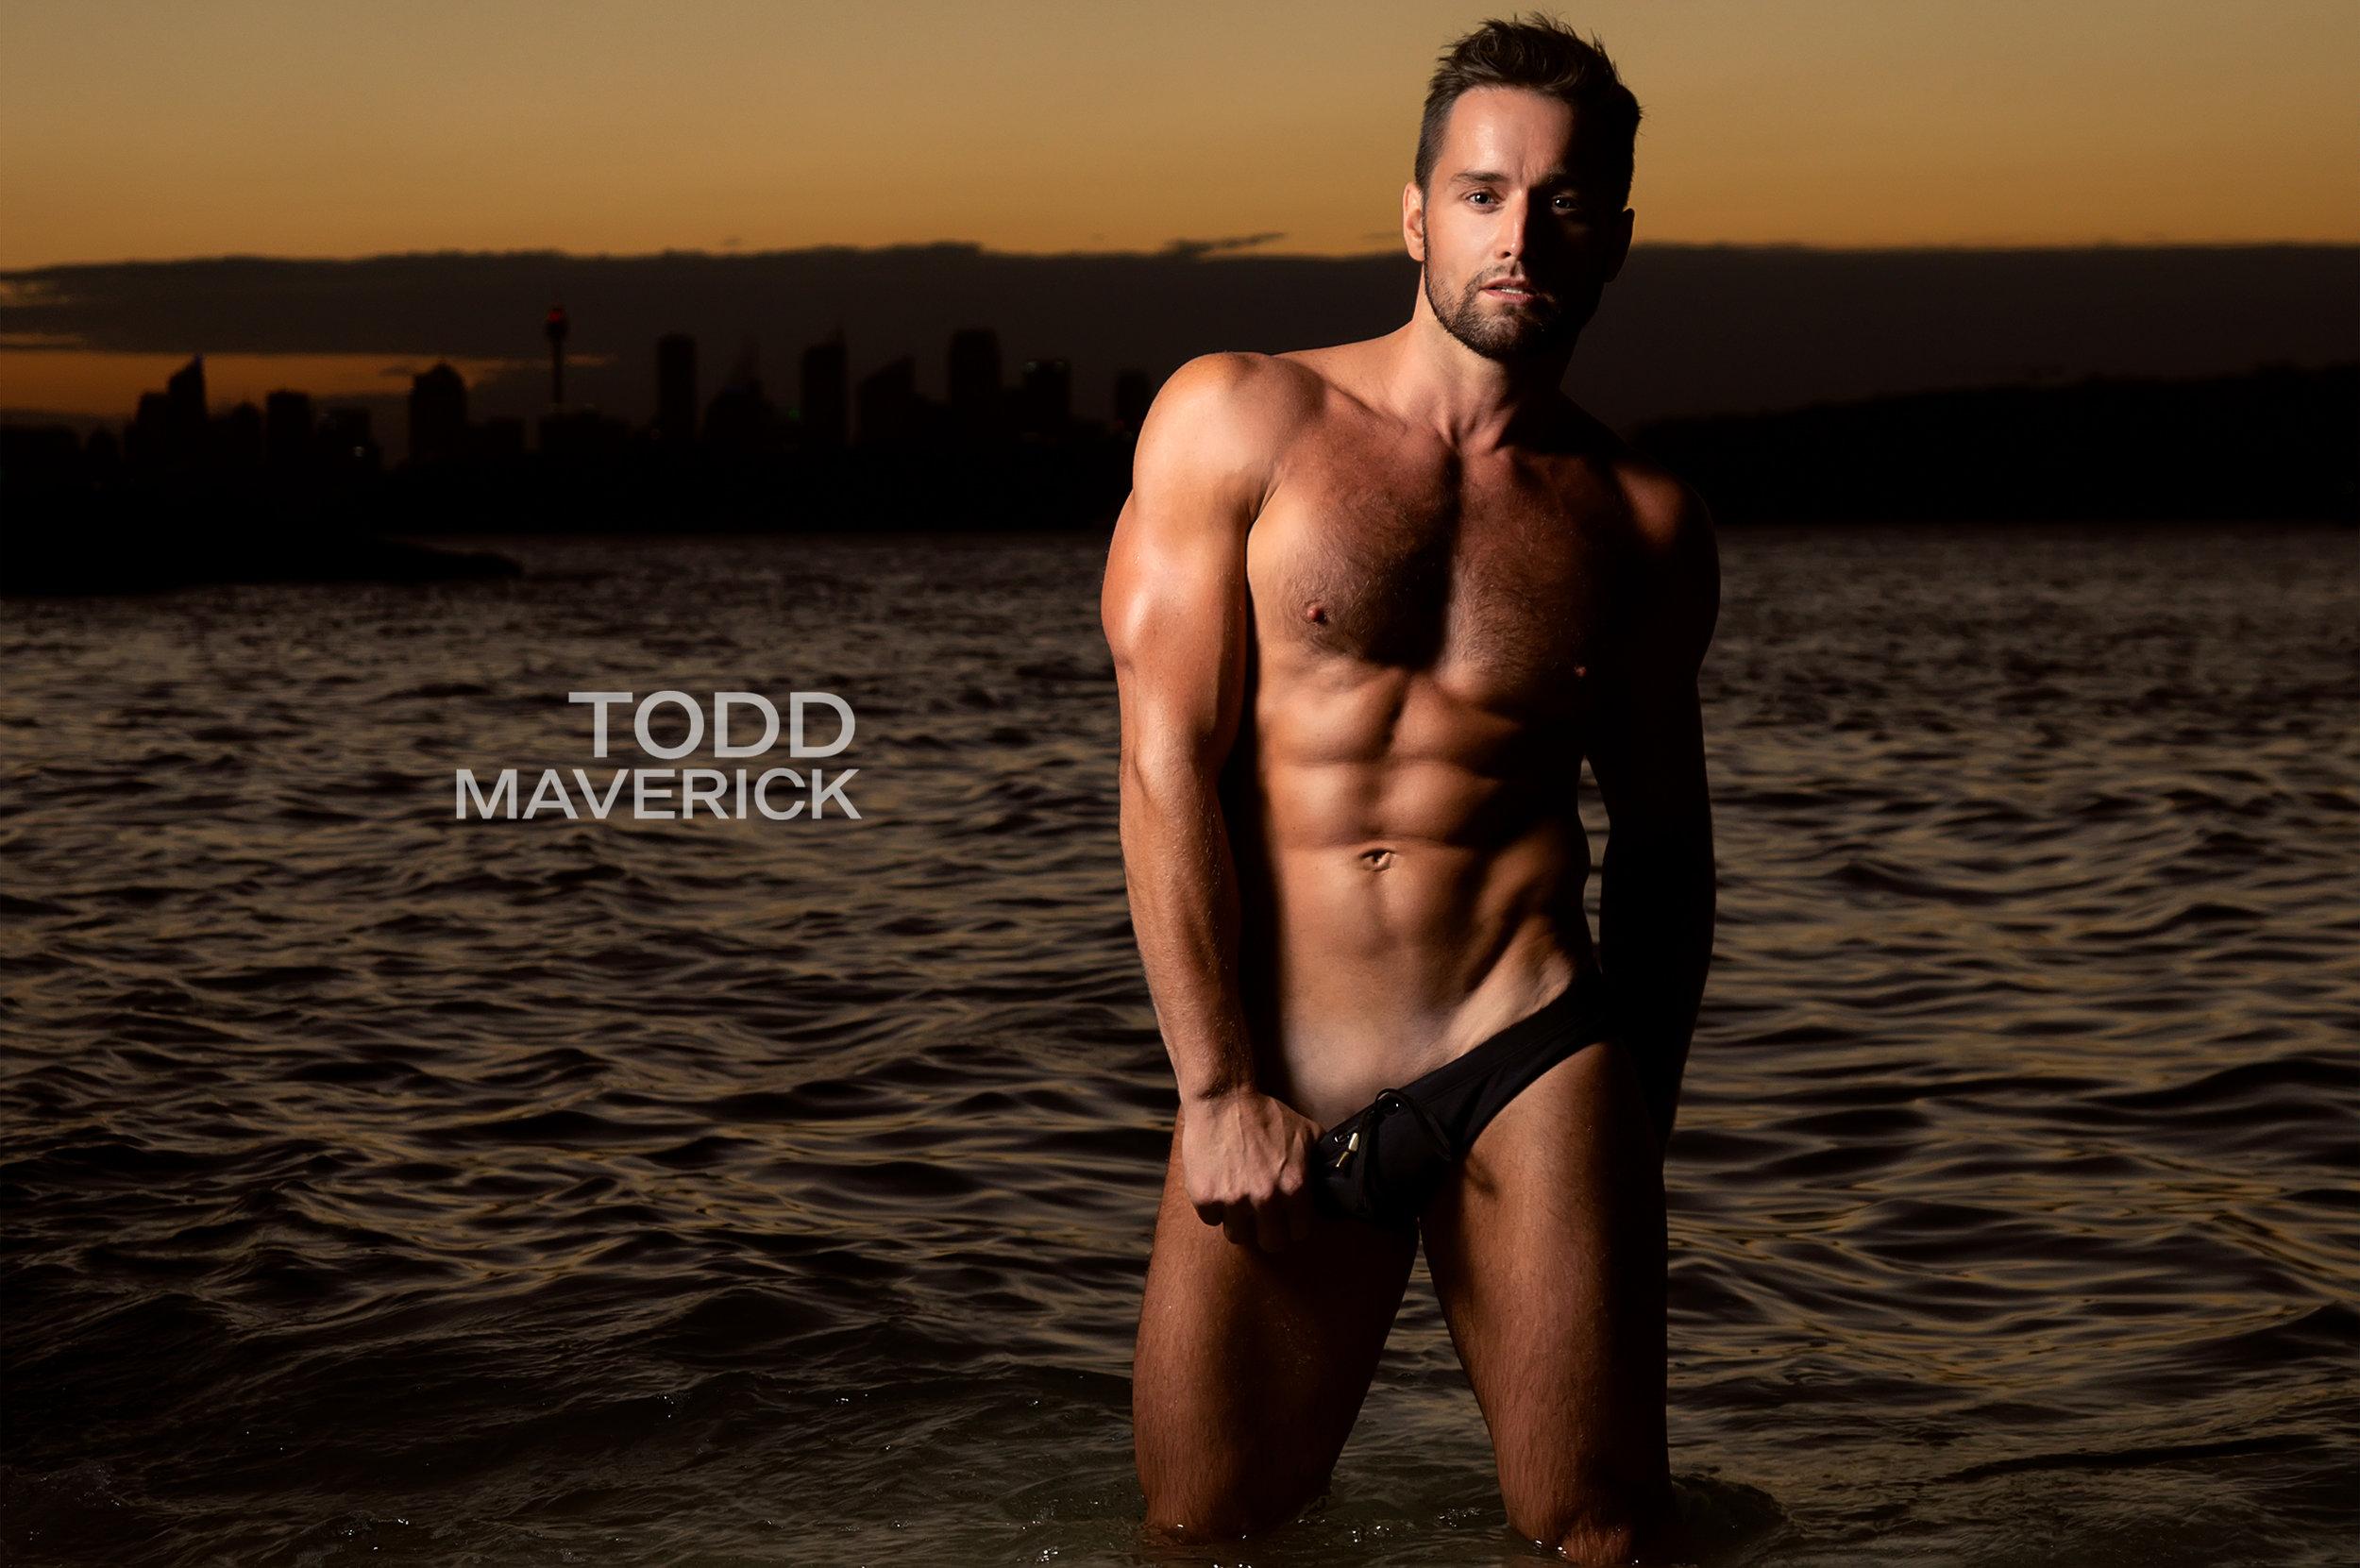 toddmaverick-lucas-22.jpg